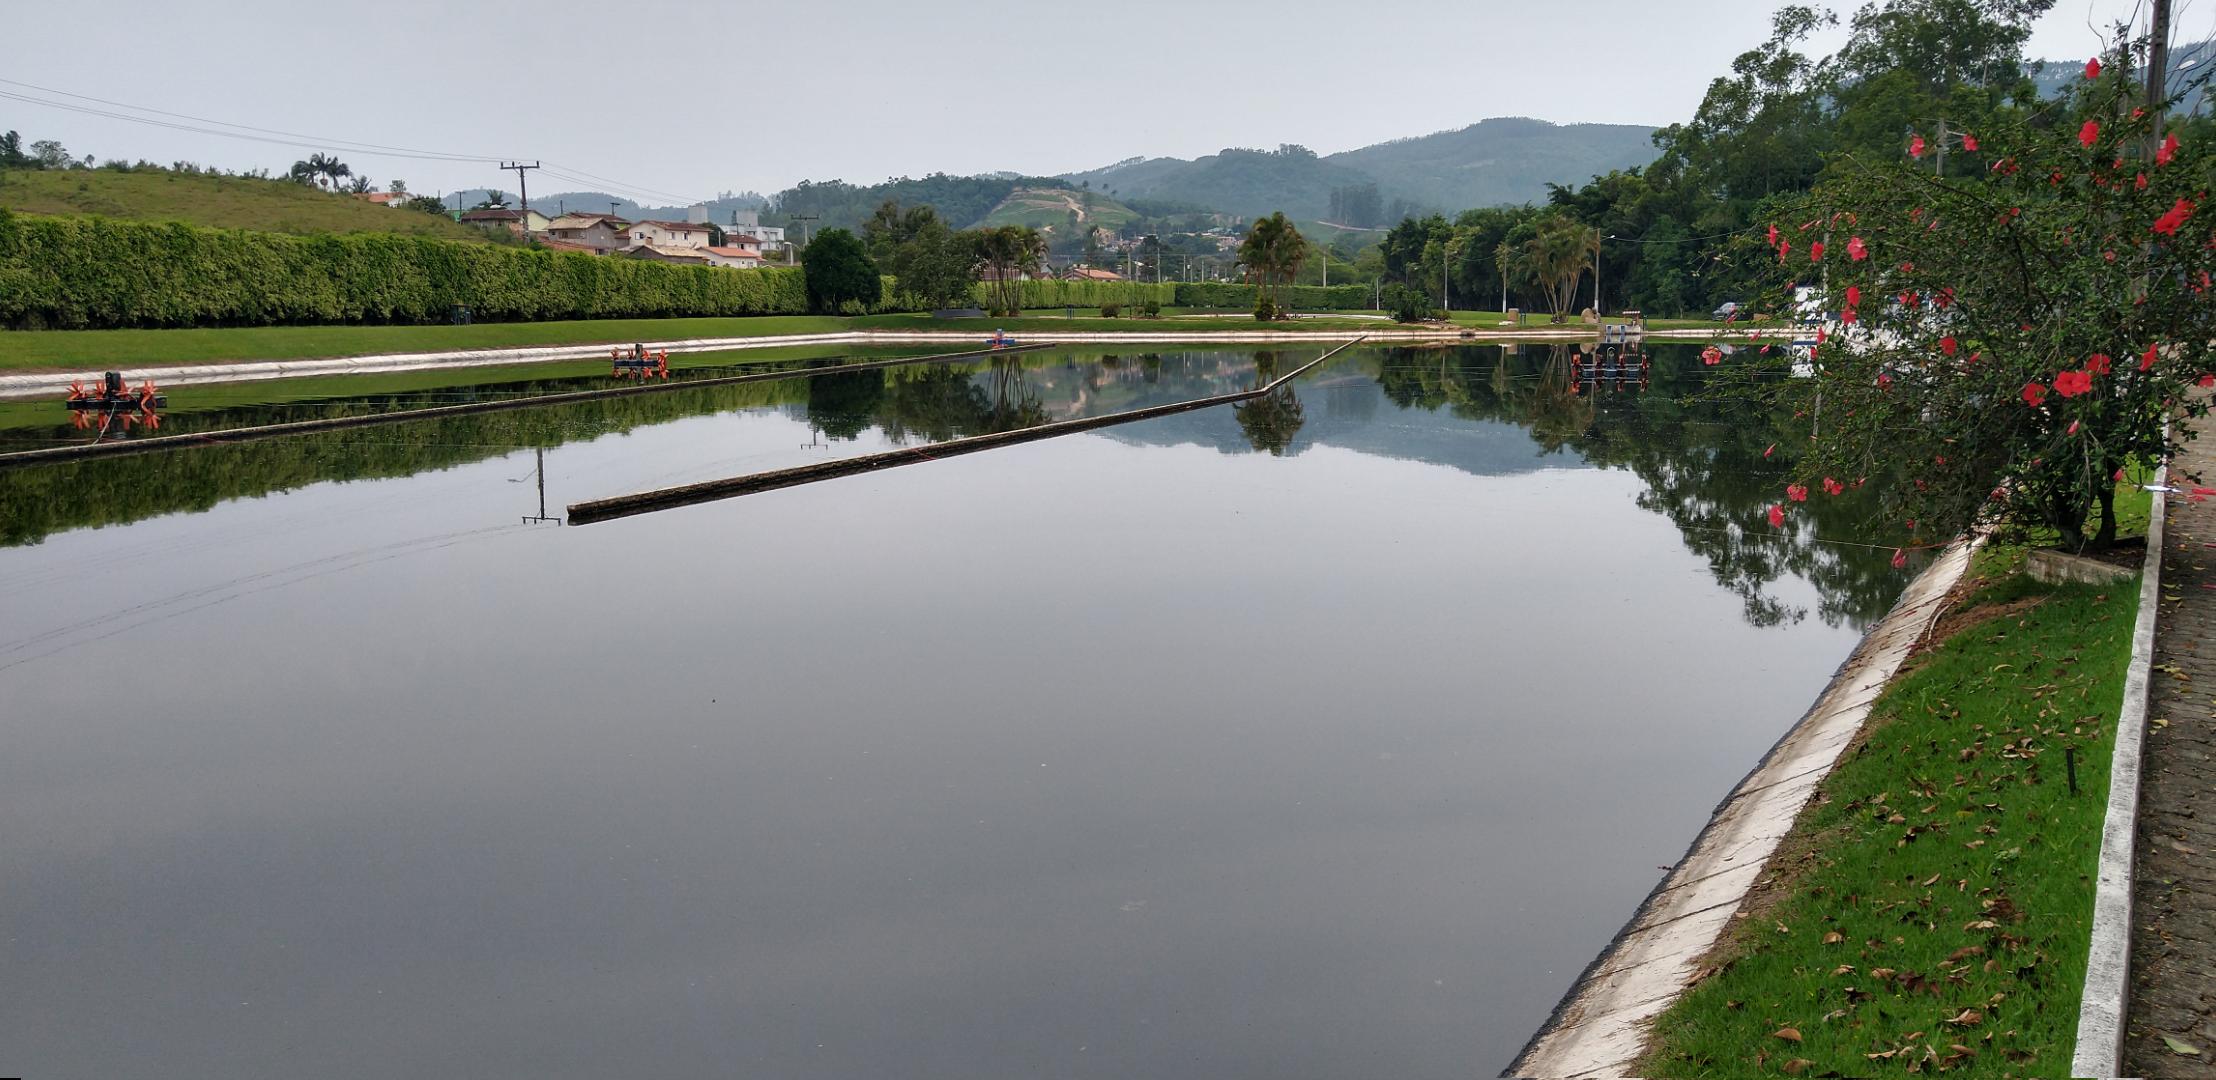 Millenniun realiza batimetria em município de Santa Catarina, Enzilimp